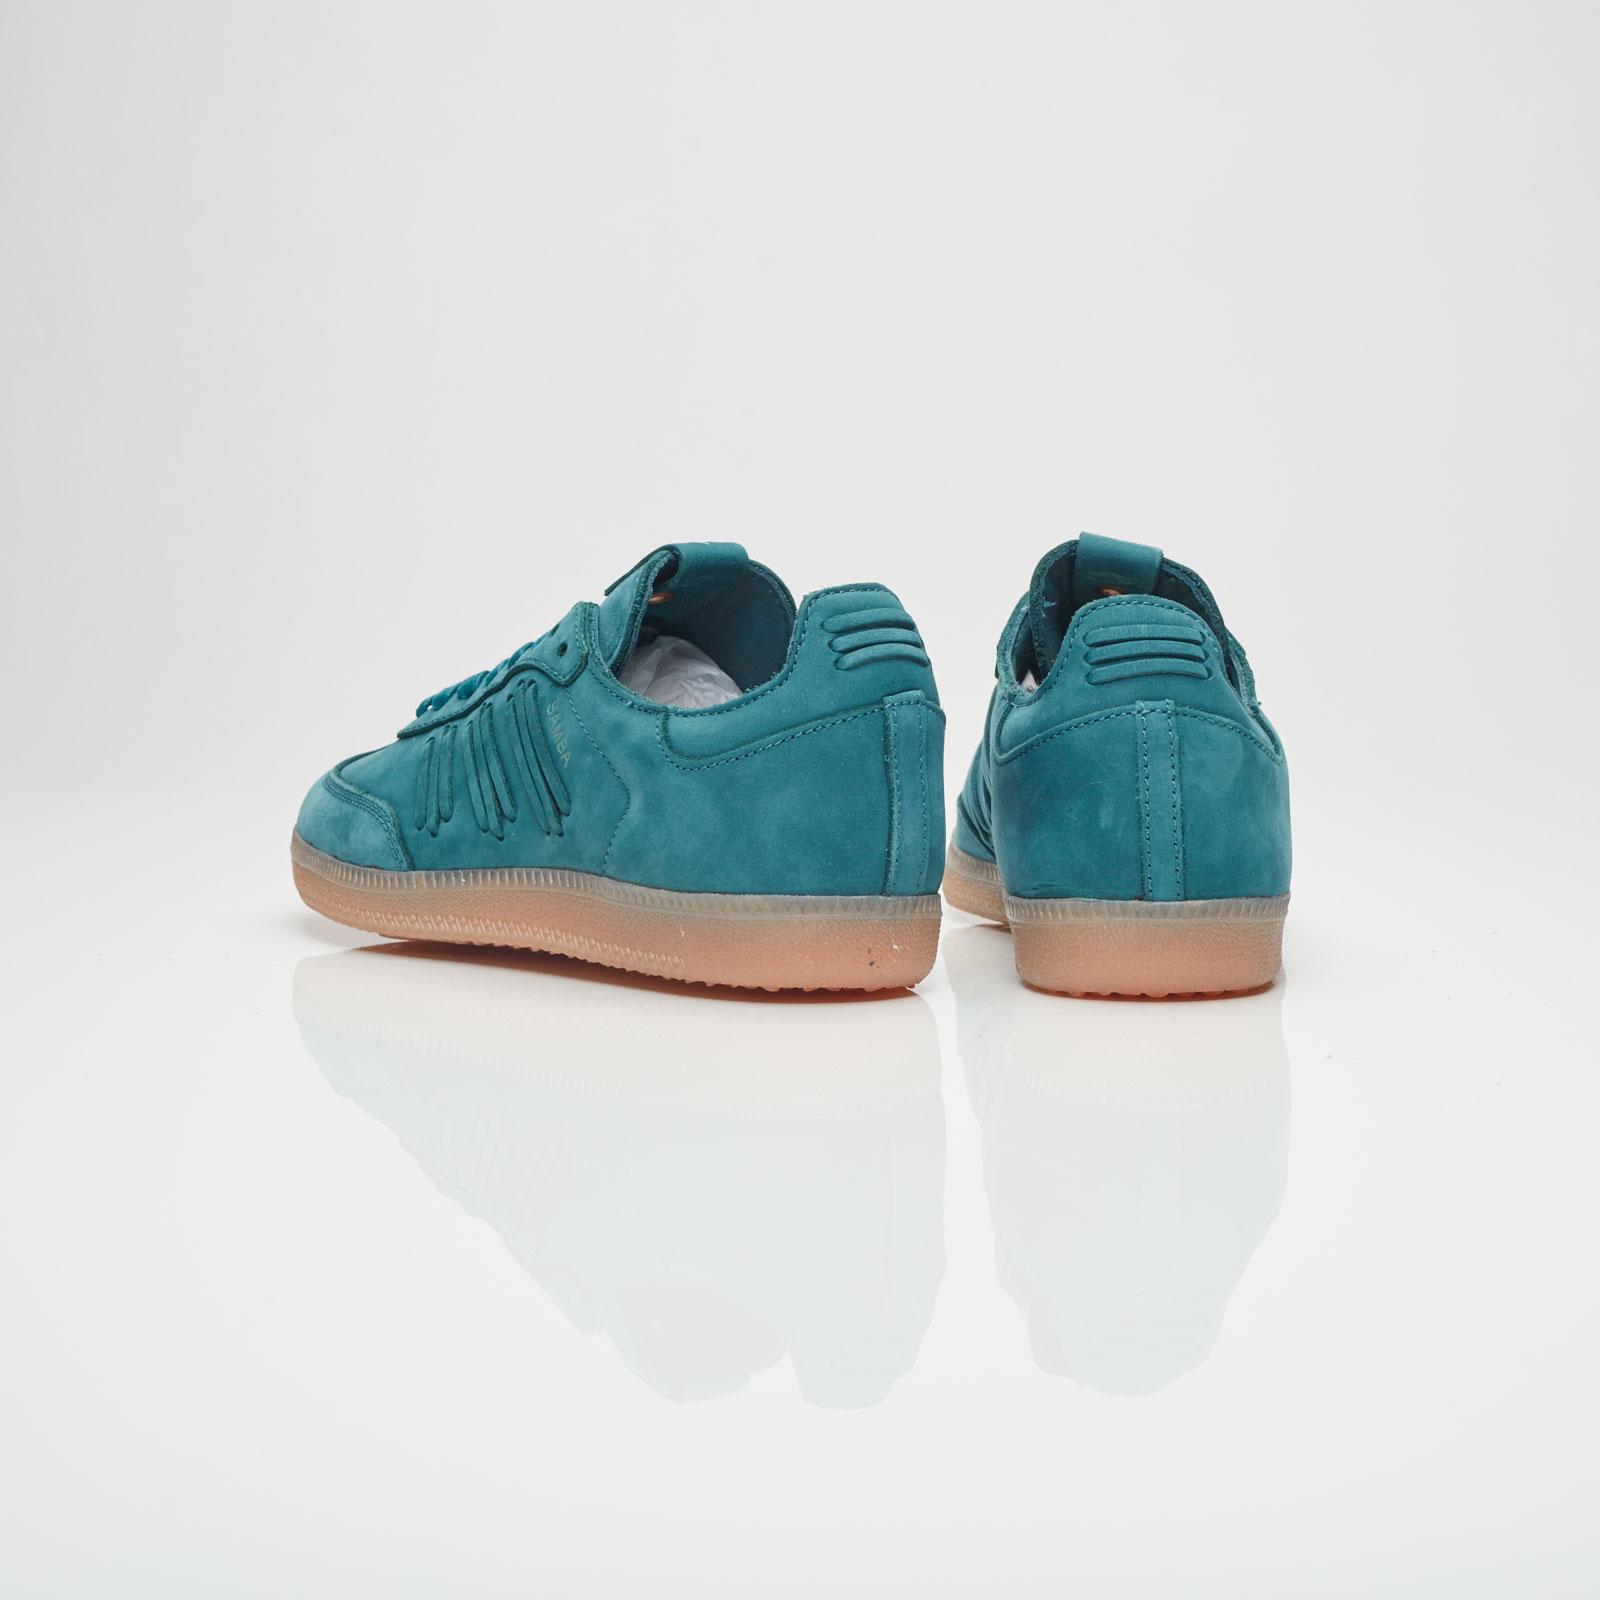 df19aae2e31f6 adidas Samba Womens Deep Hue - By2832 - Sneakersnstuff | sneakers &  streetwear online since 1999